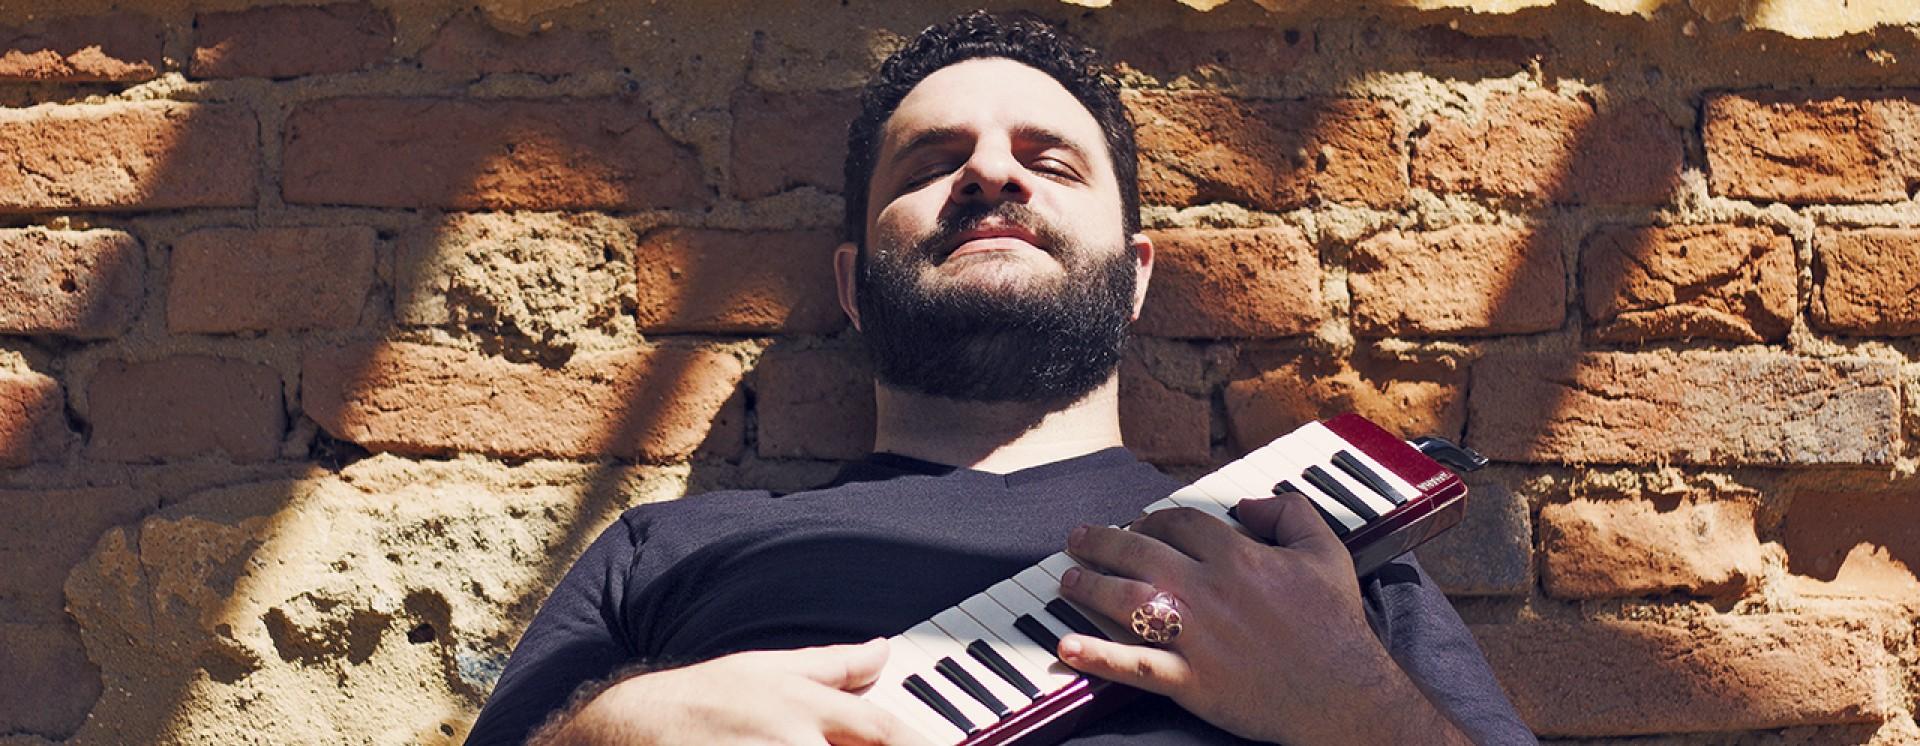 Adriano Grineberg